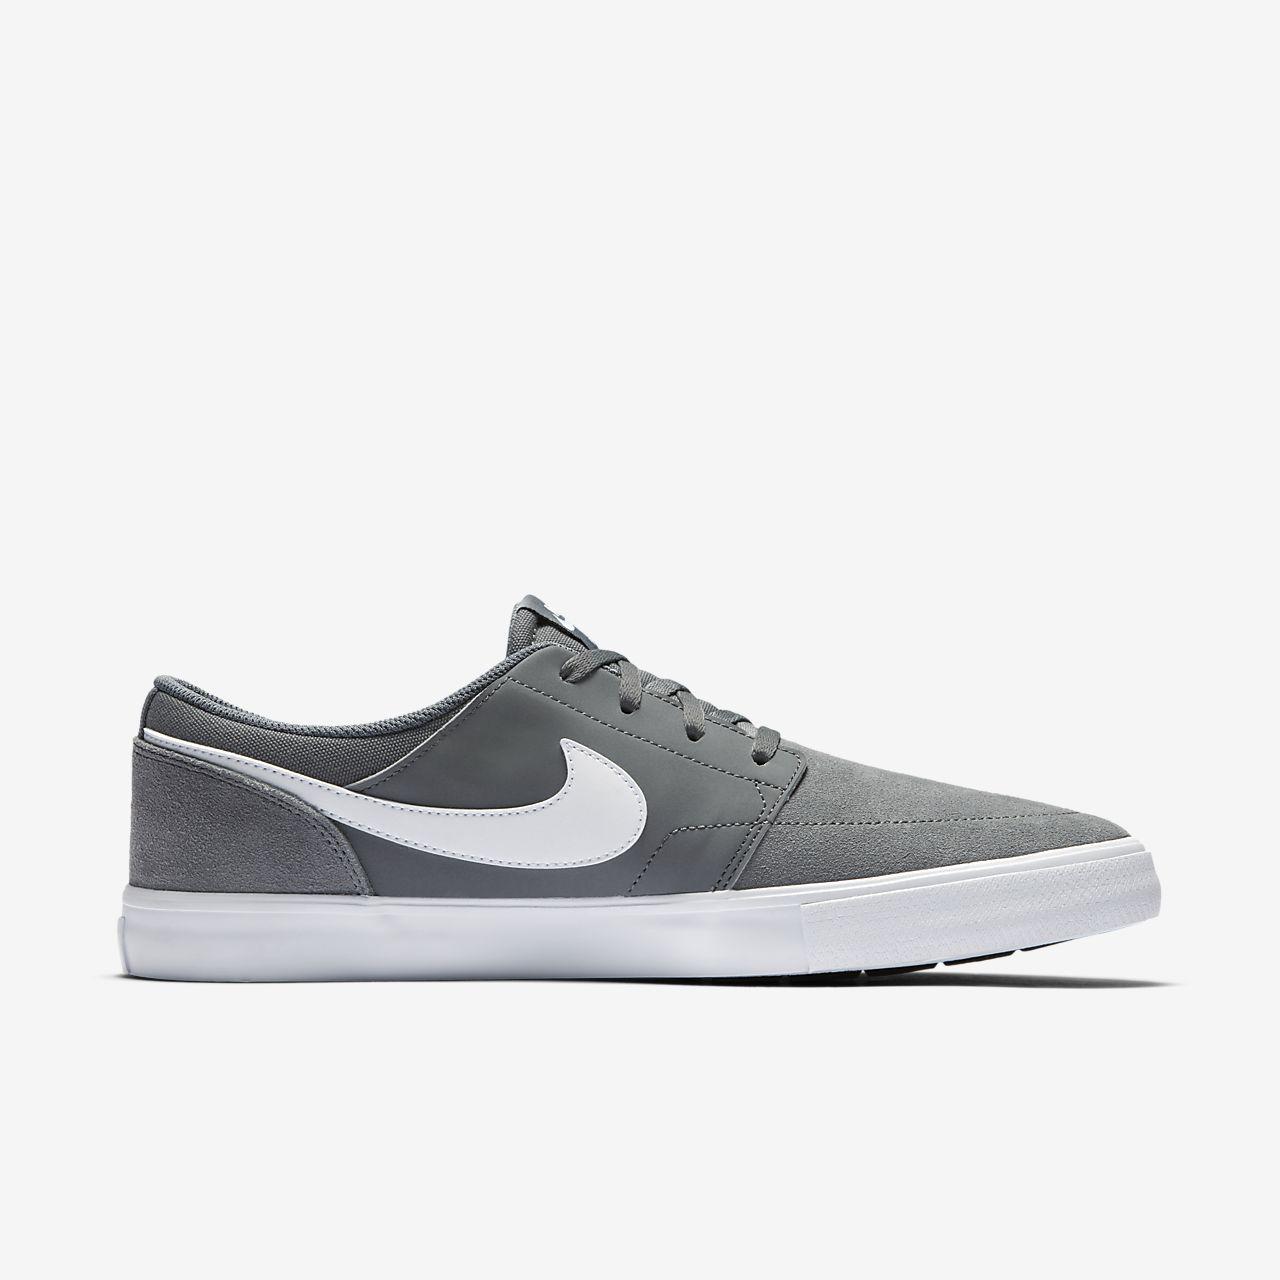 Nike - Ports Plus Baskets - Hommes - Chaussures De Sport - Noir - 40,5